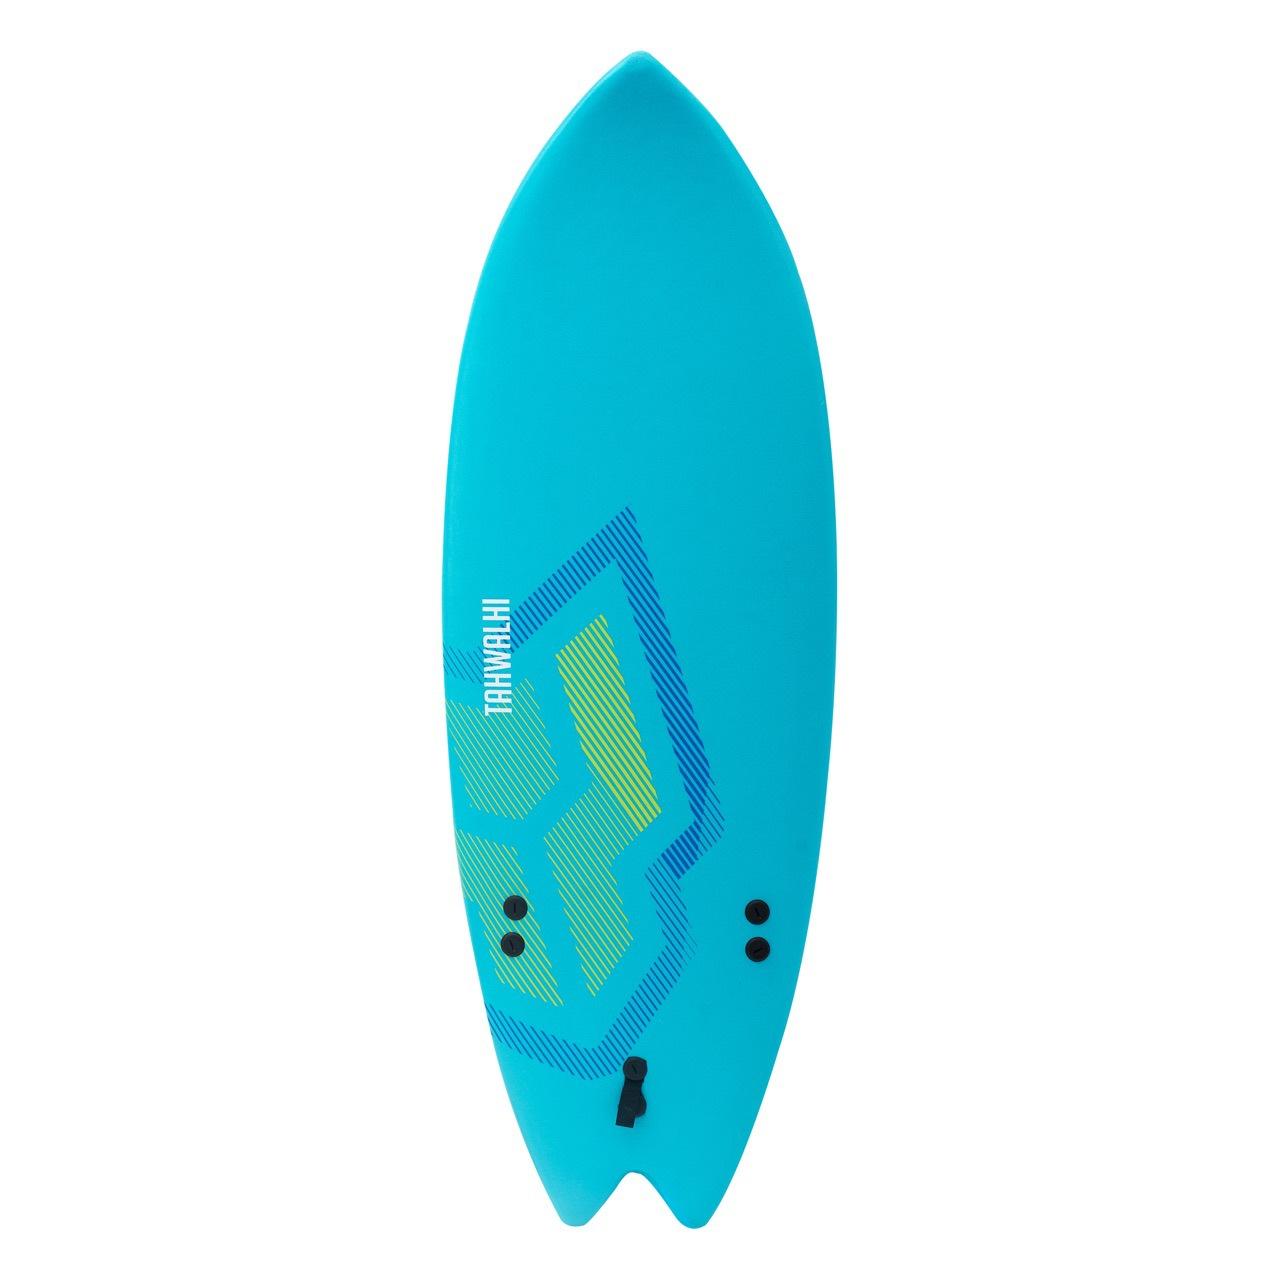 5尺2(长约157cm)冲浪板青少年初学进阶泡沫软板